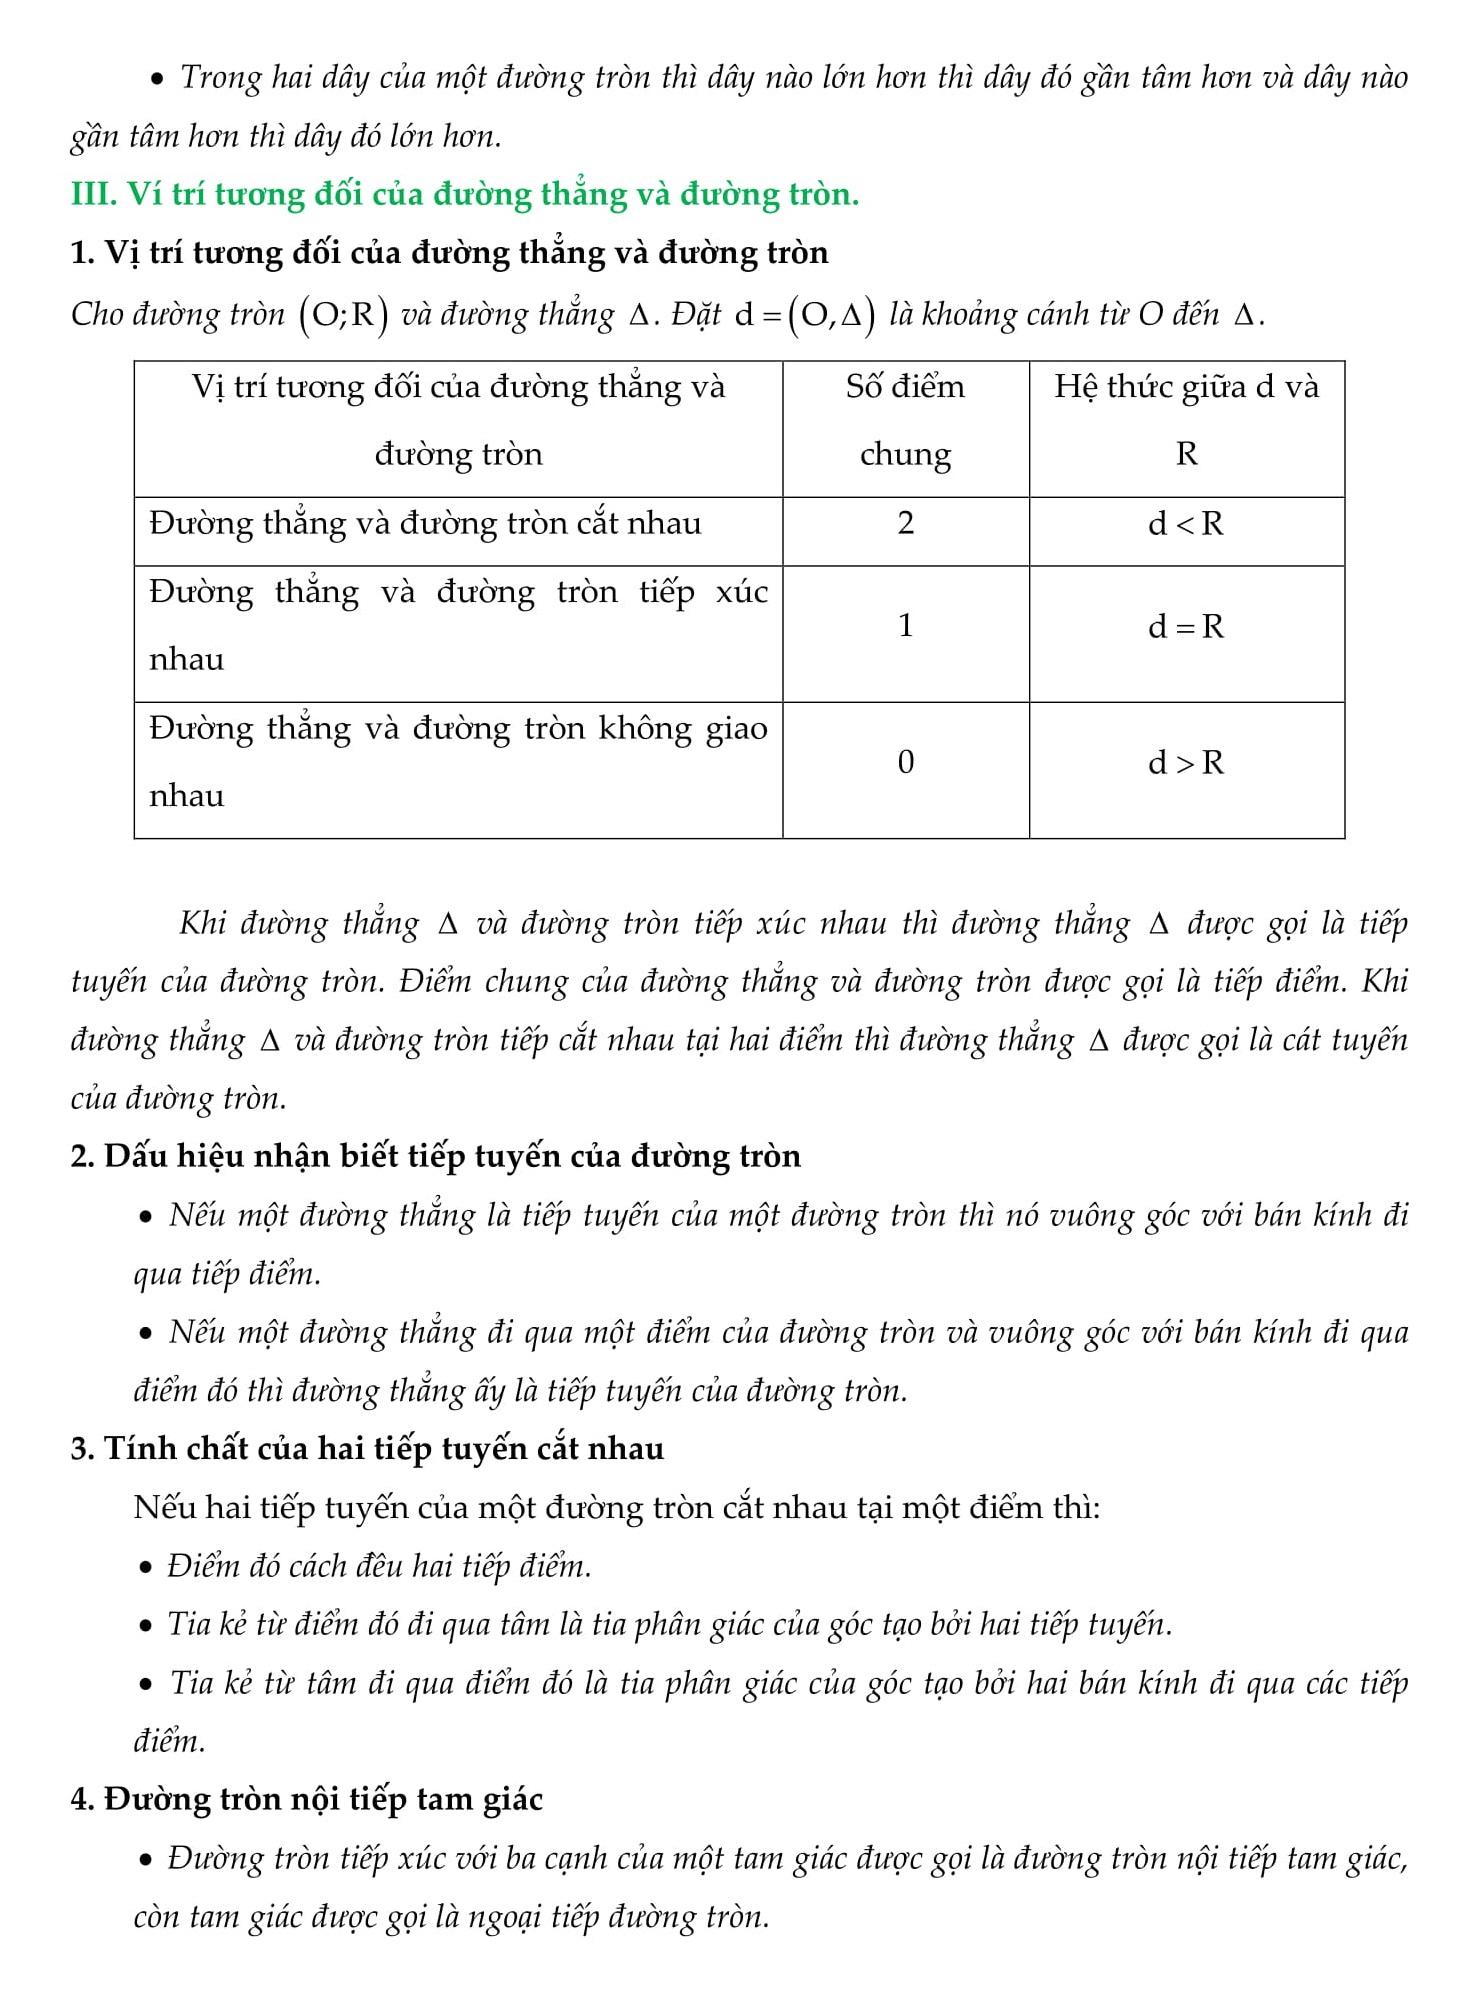 Chuyên đề 3 Đường tròn và những bài tập - Toán Hình 9